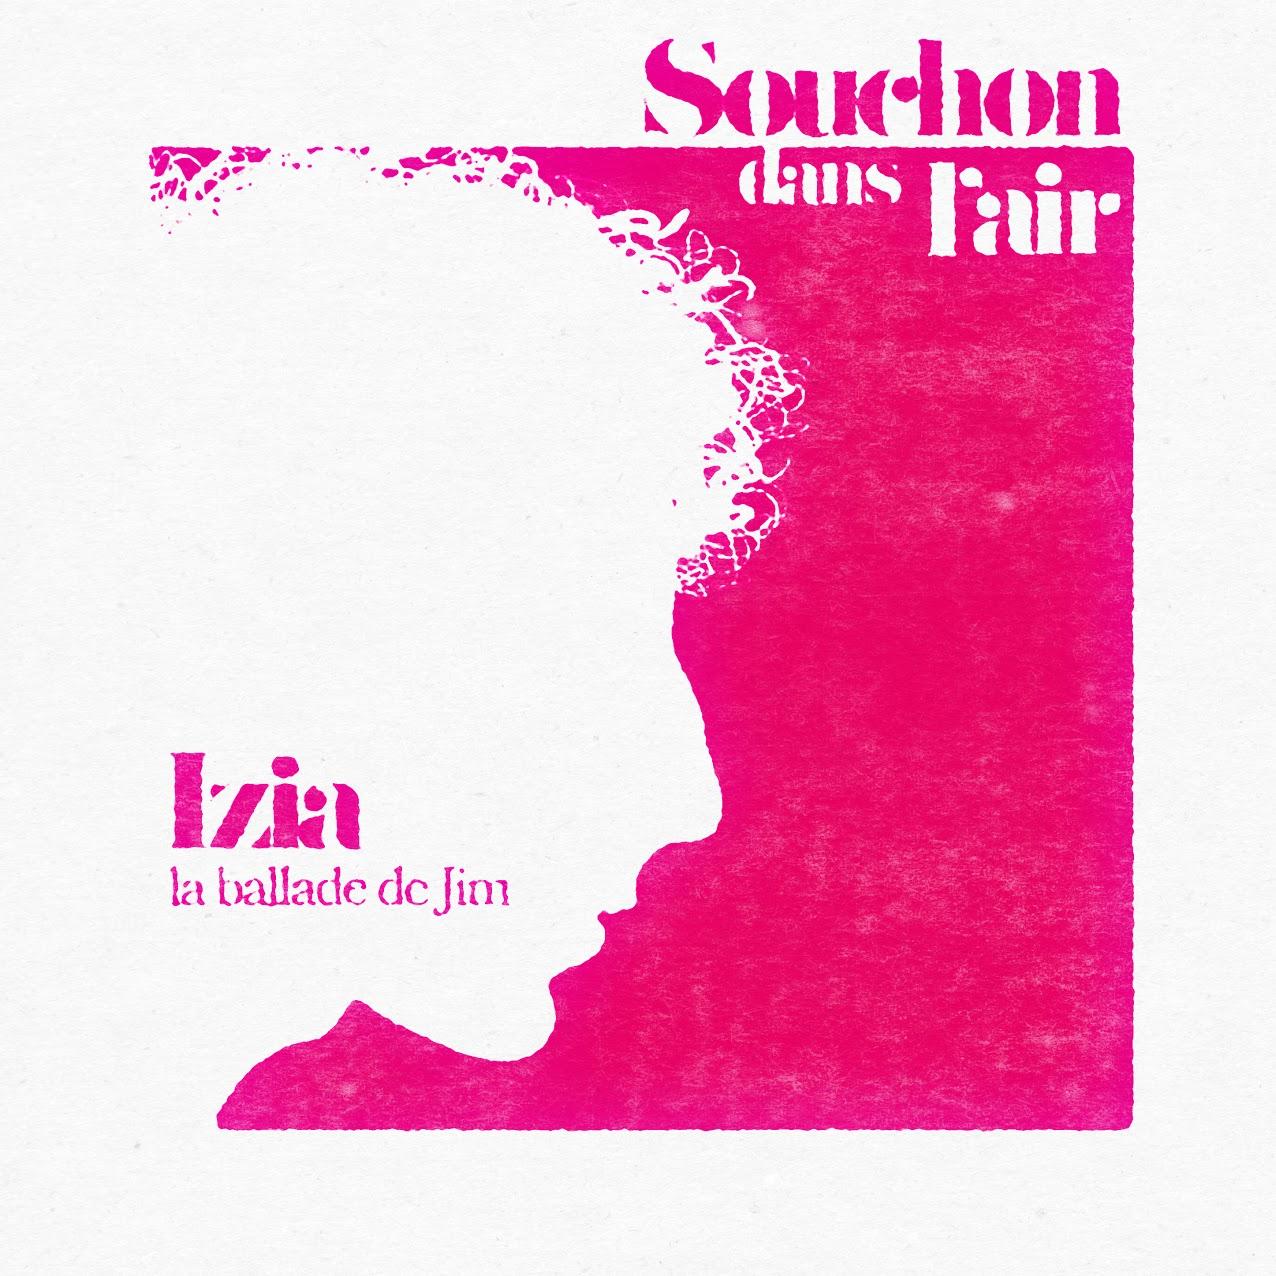 Souchon_Izia_La ballade de Jim JustMusic.fr